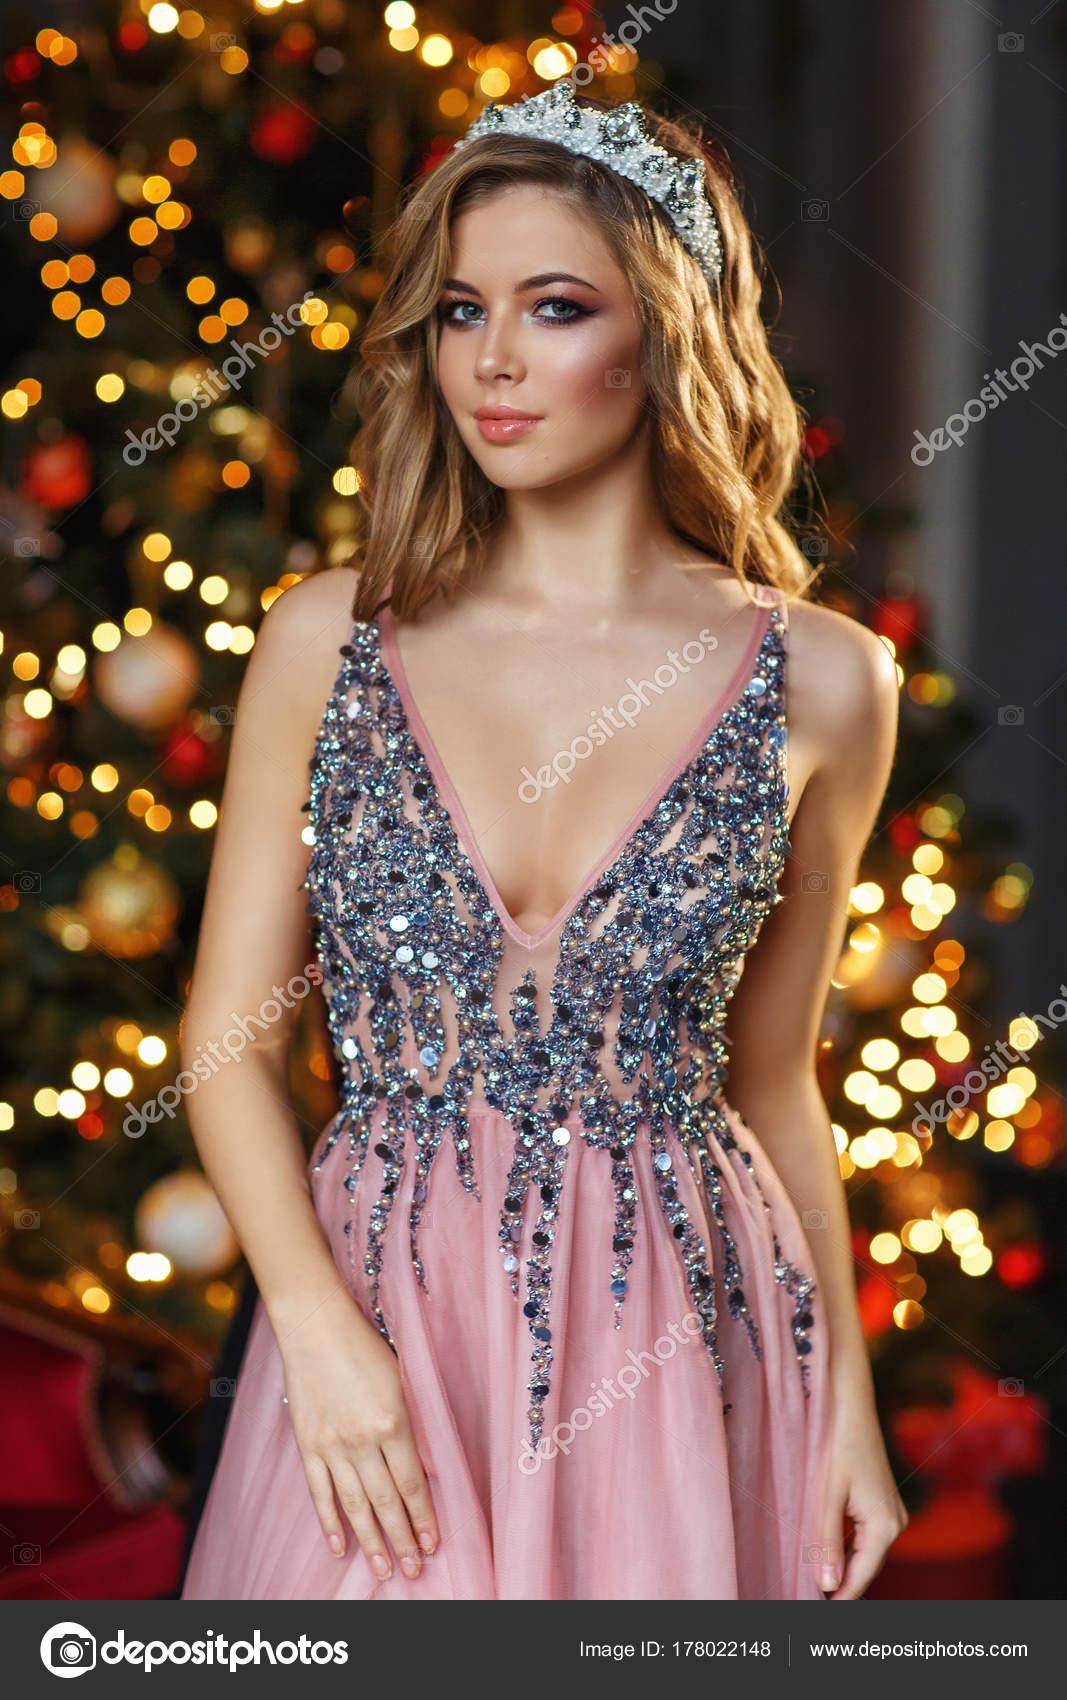 fd474460 Piękna Dziewczyna Różowa Sukienka Cekinami Korony Patrząc Kamery ...